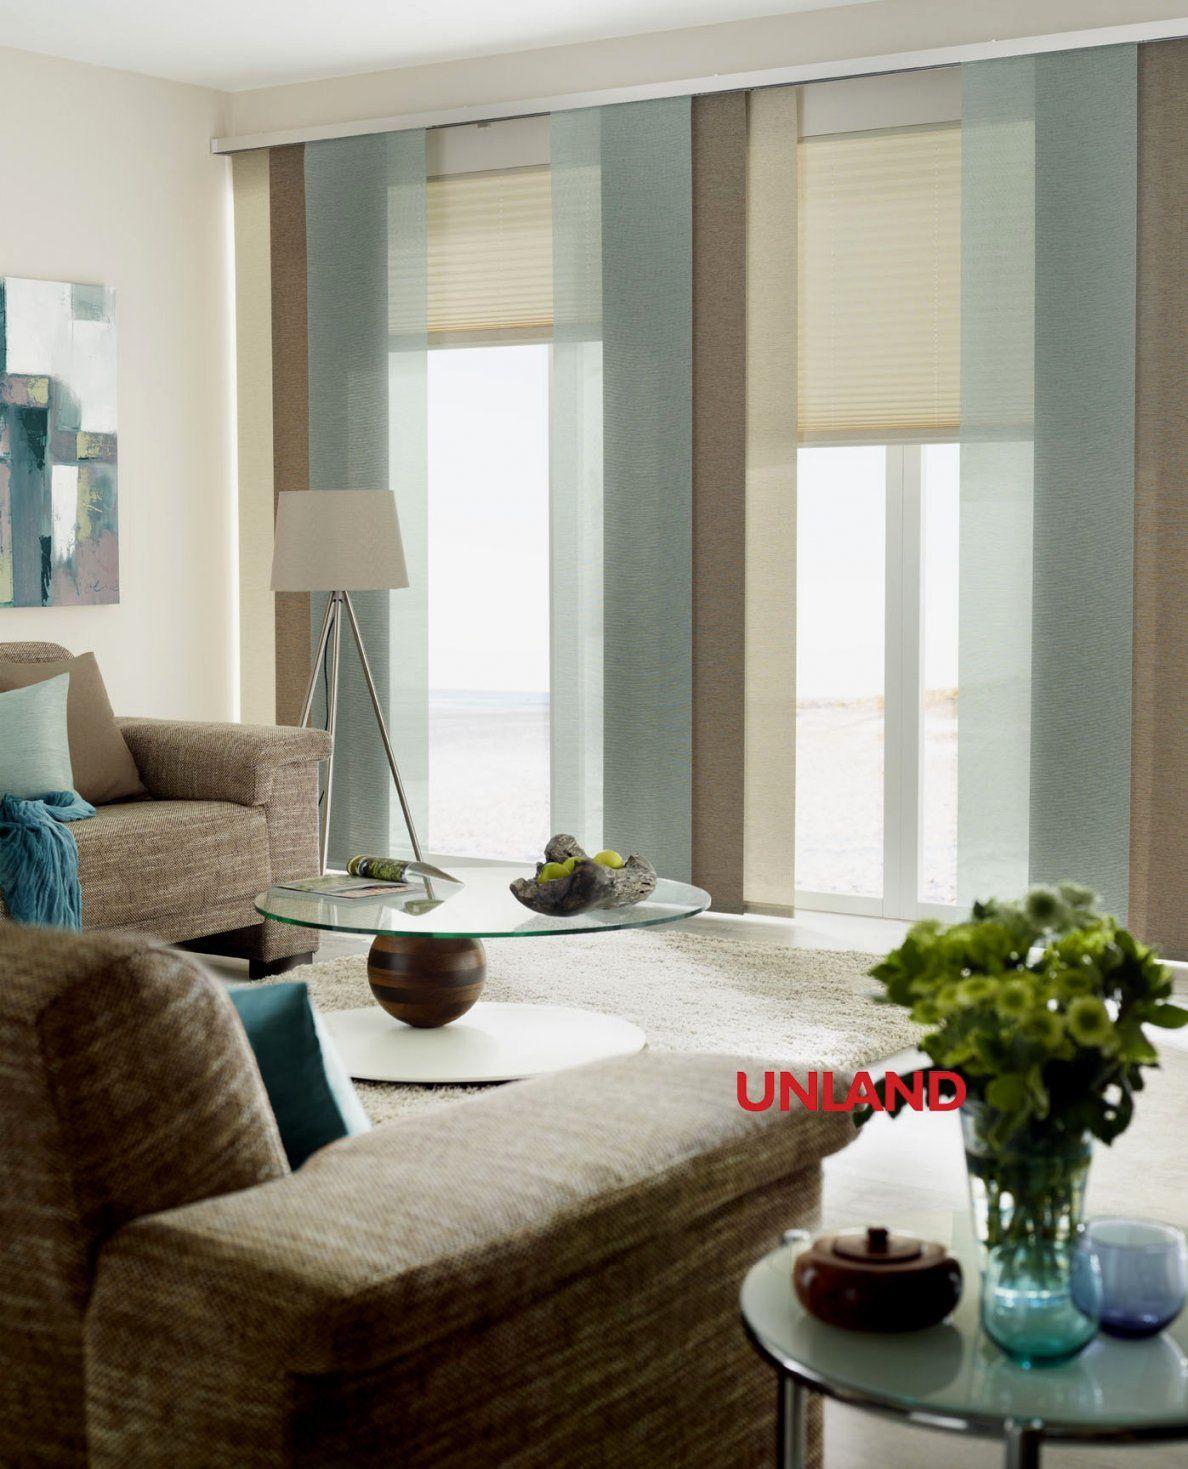 Groß Schöne Gardinen Fürs Wohnzimmer Wohnzimmer1 22058 Haus Ideen von Gardinen Trends Fürs Wohnzimmer Bild